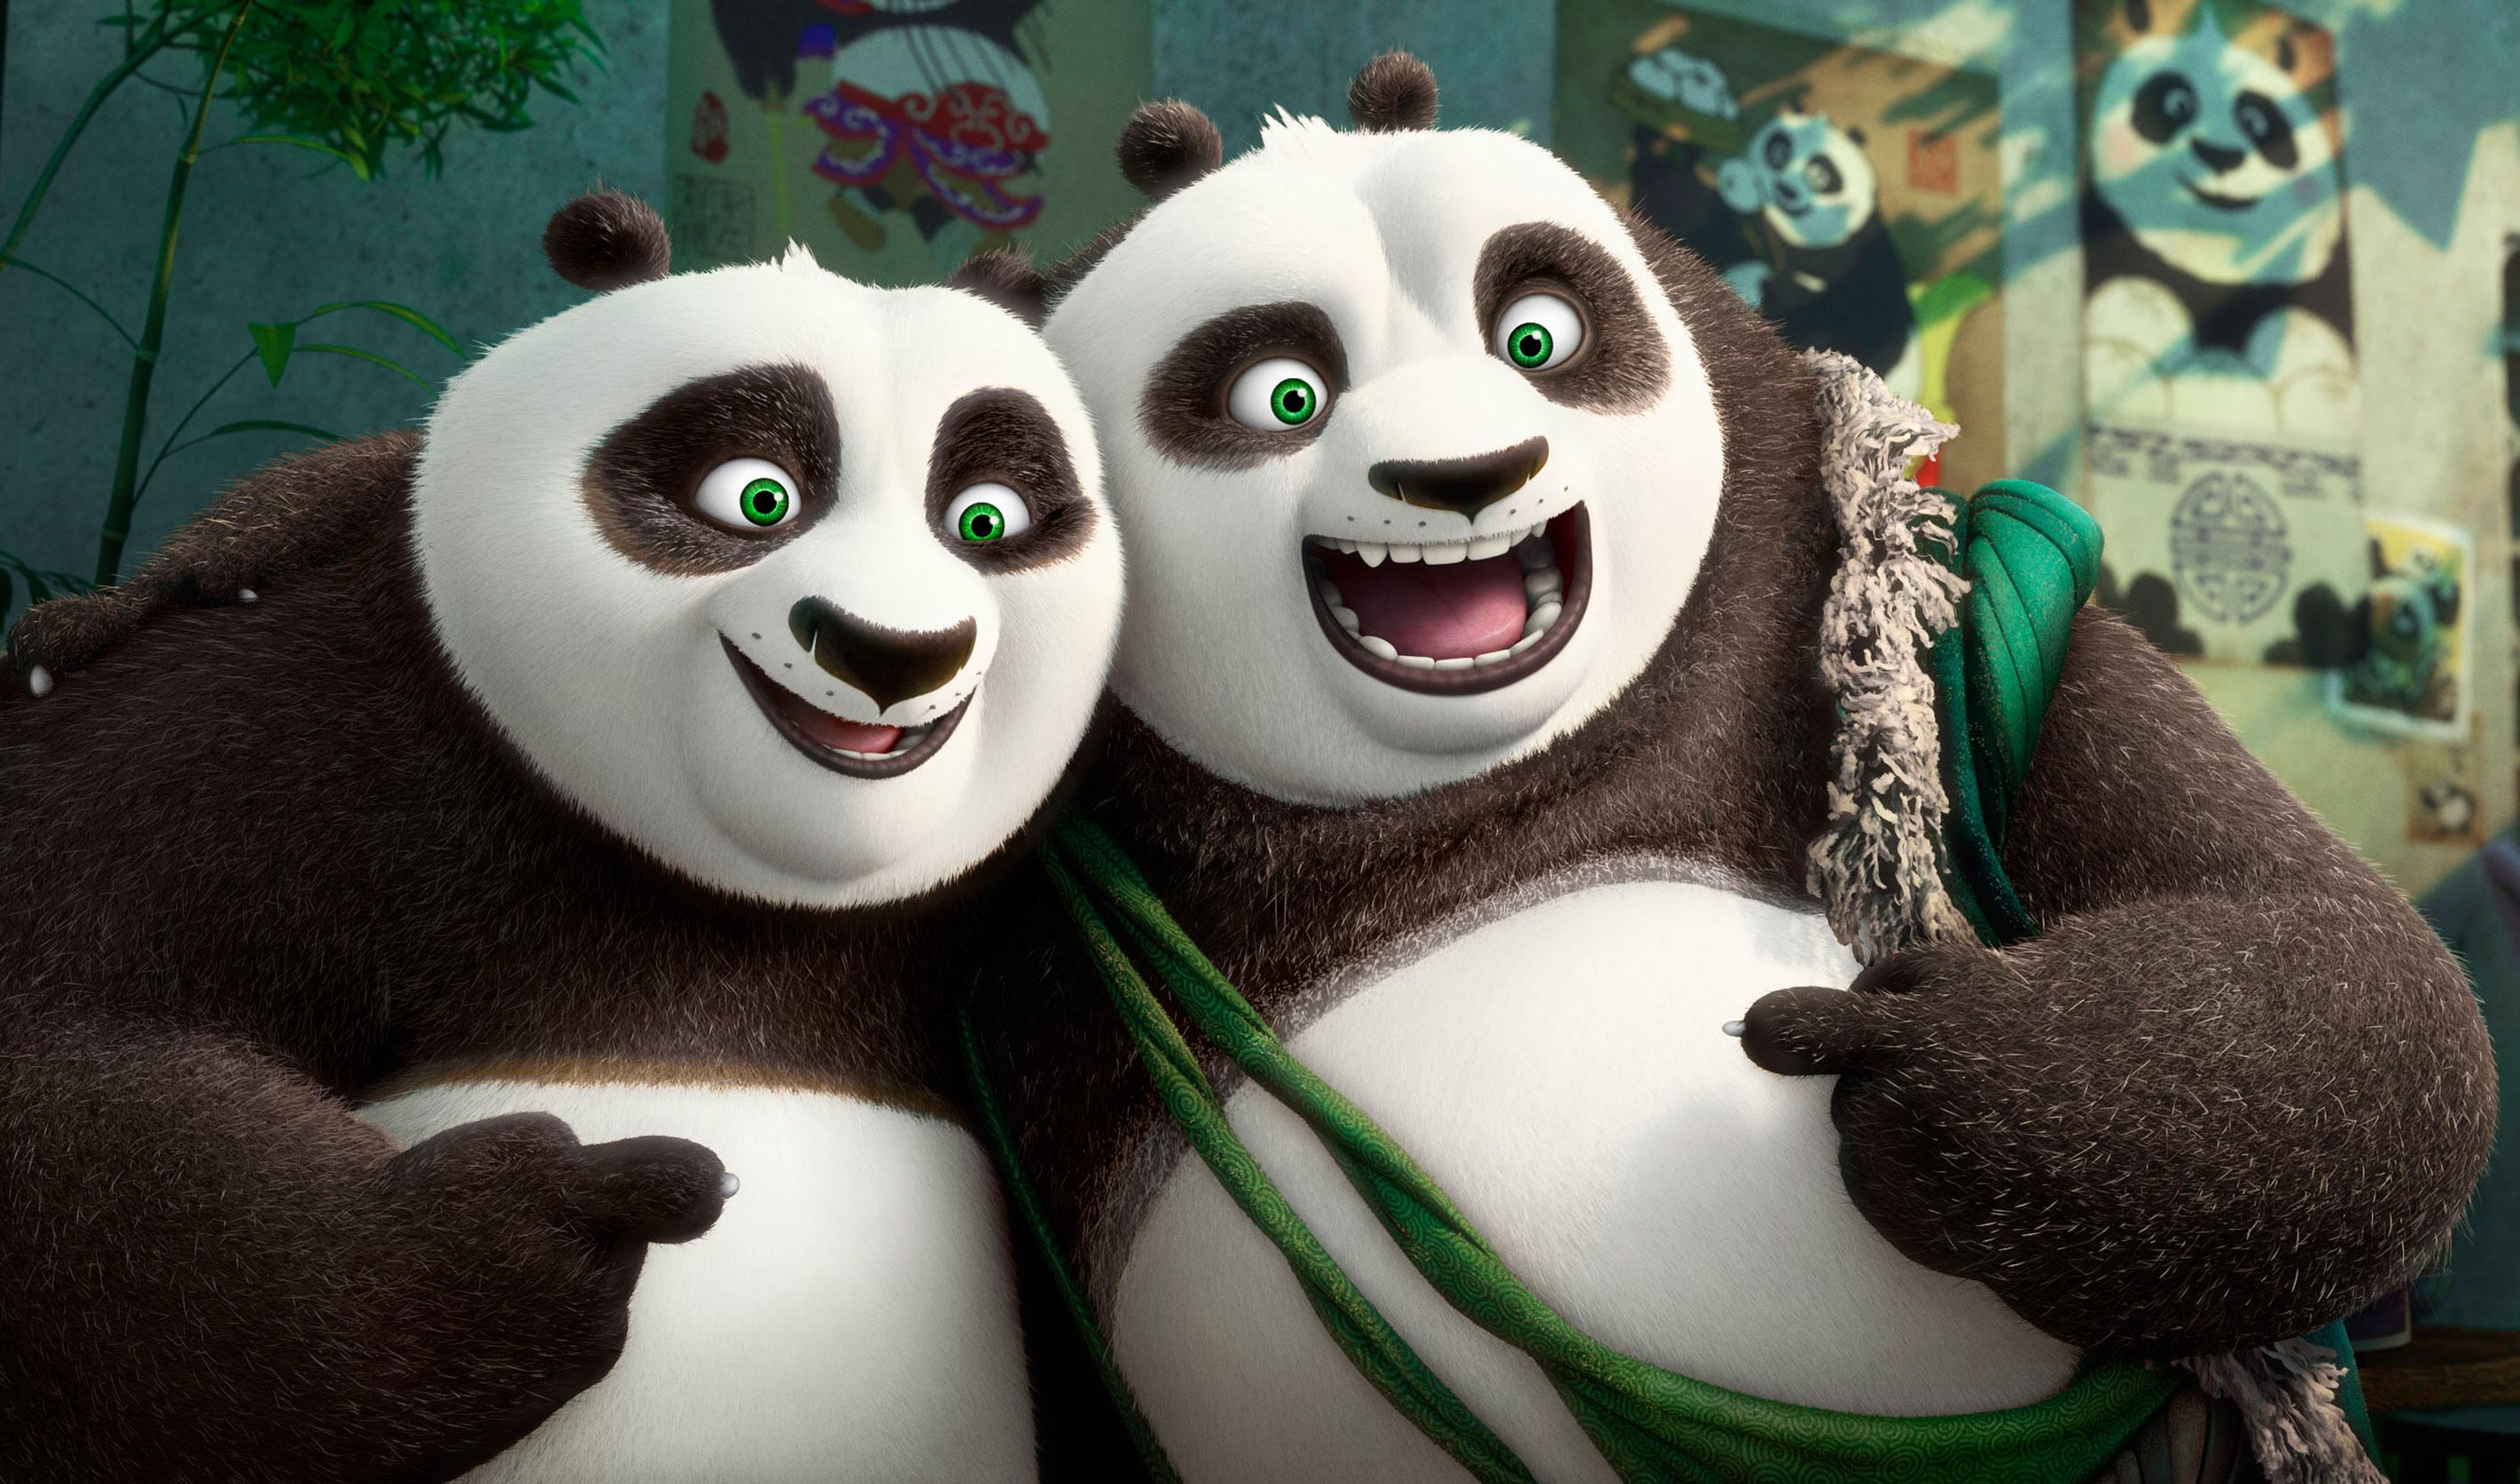 kung-fu-panda-3-jack-black-bryan-cranston.jpg